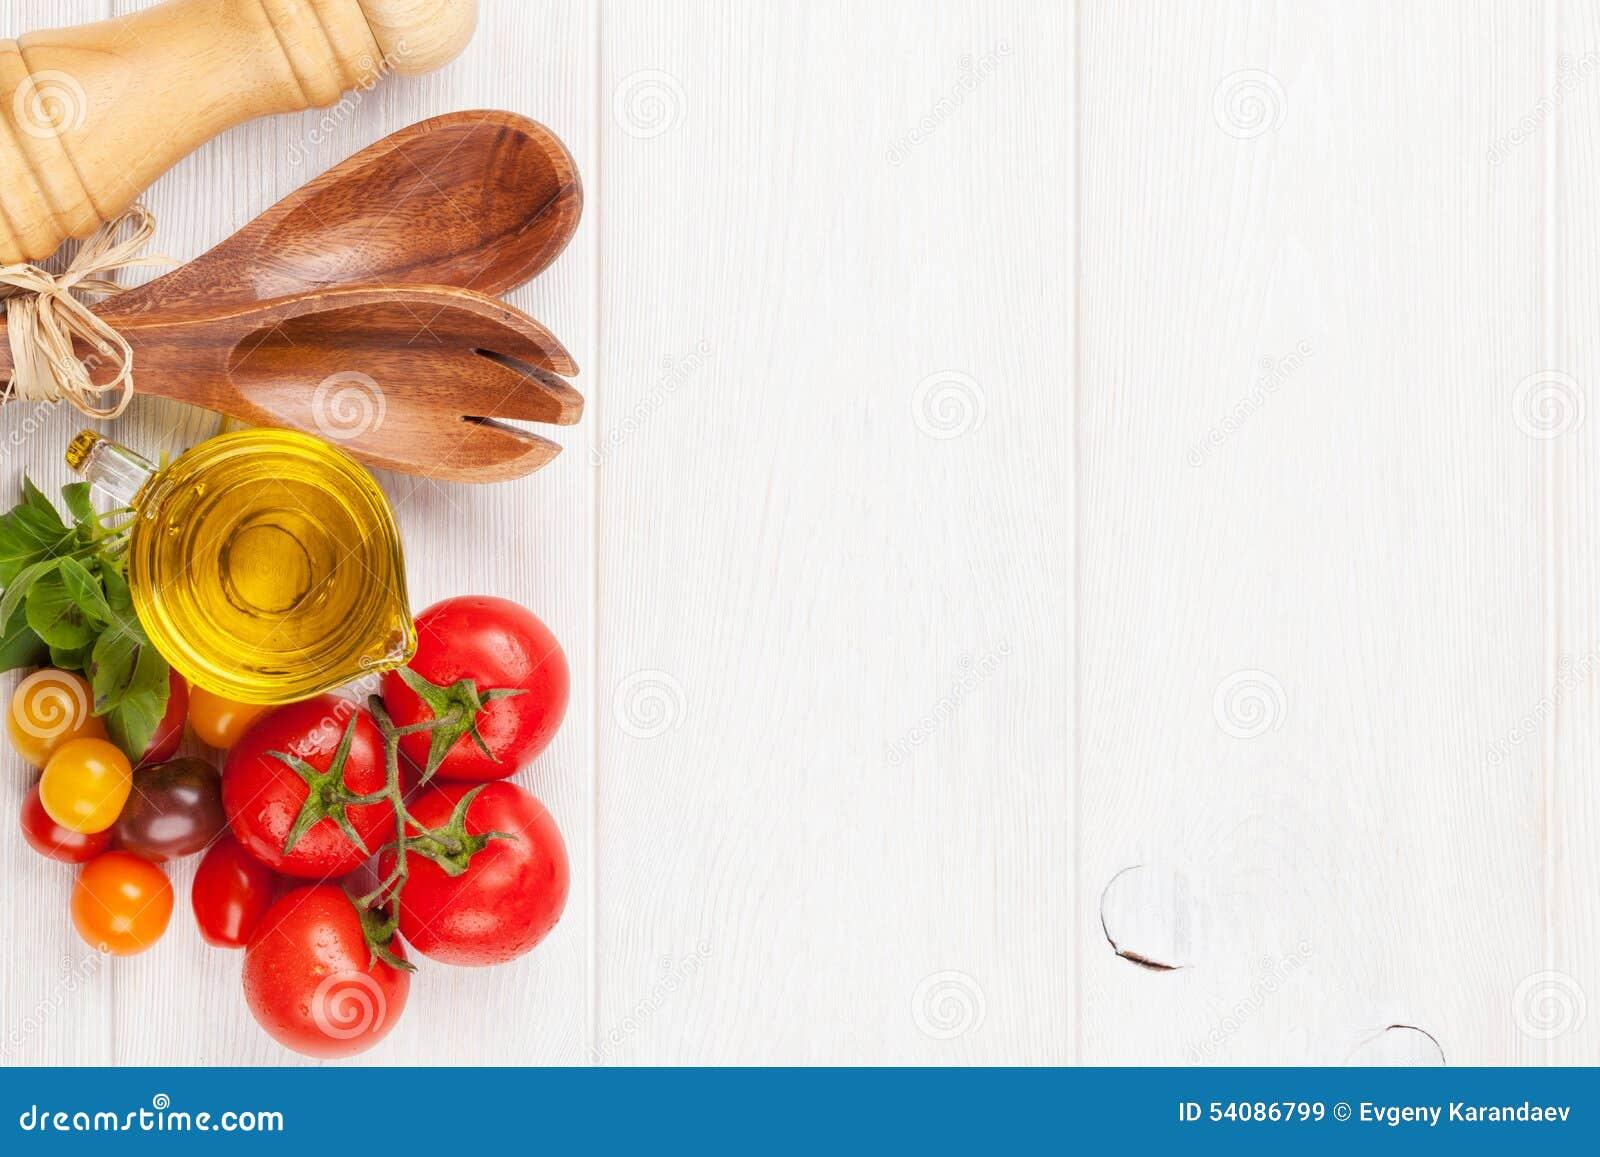 Tomates, manjericão e azeite coloridos frescos